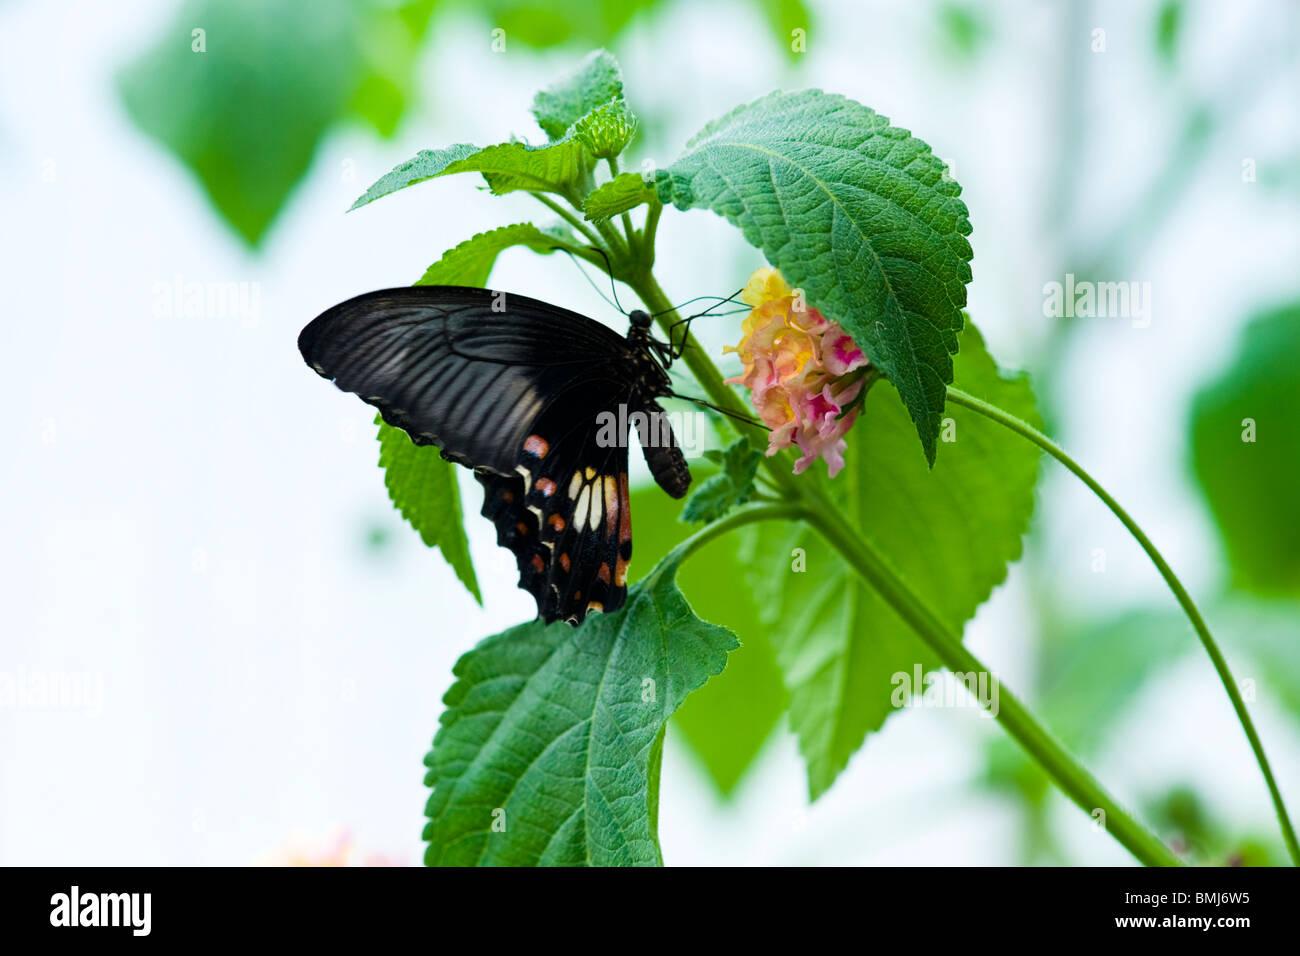 Golders Hill Park, Schmetterling Papilio Rumanzovia oder Scarlet Mormon, native Südasien, thront auf Blume Stockbild